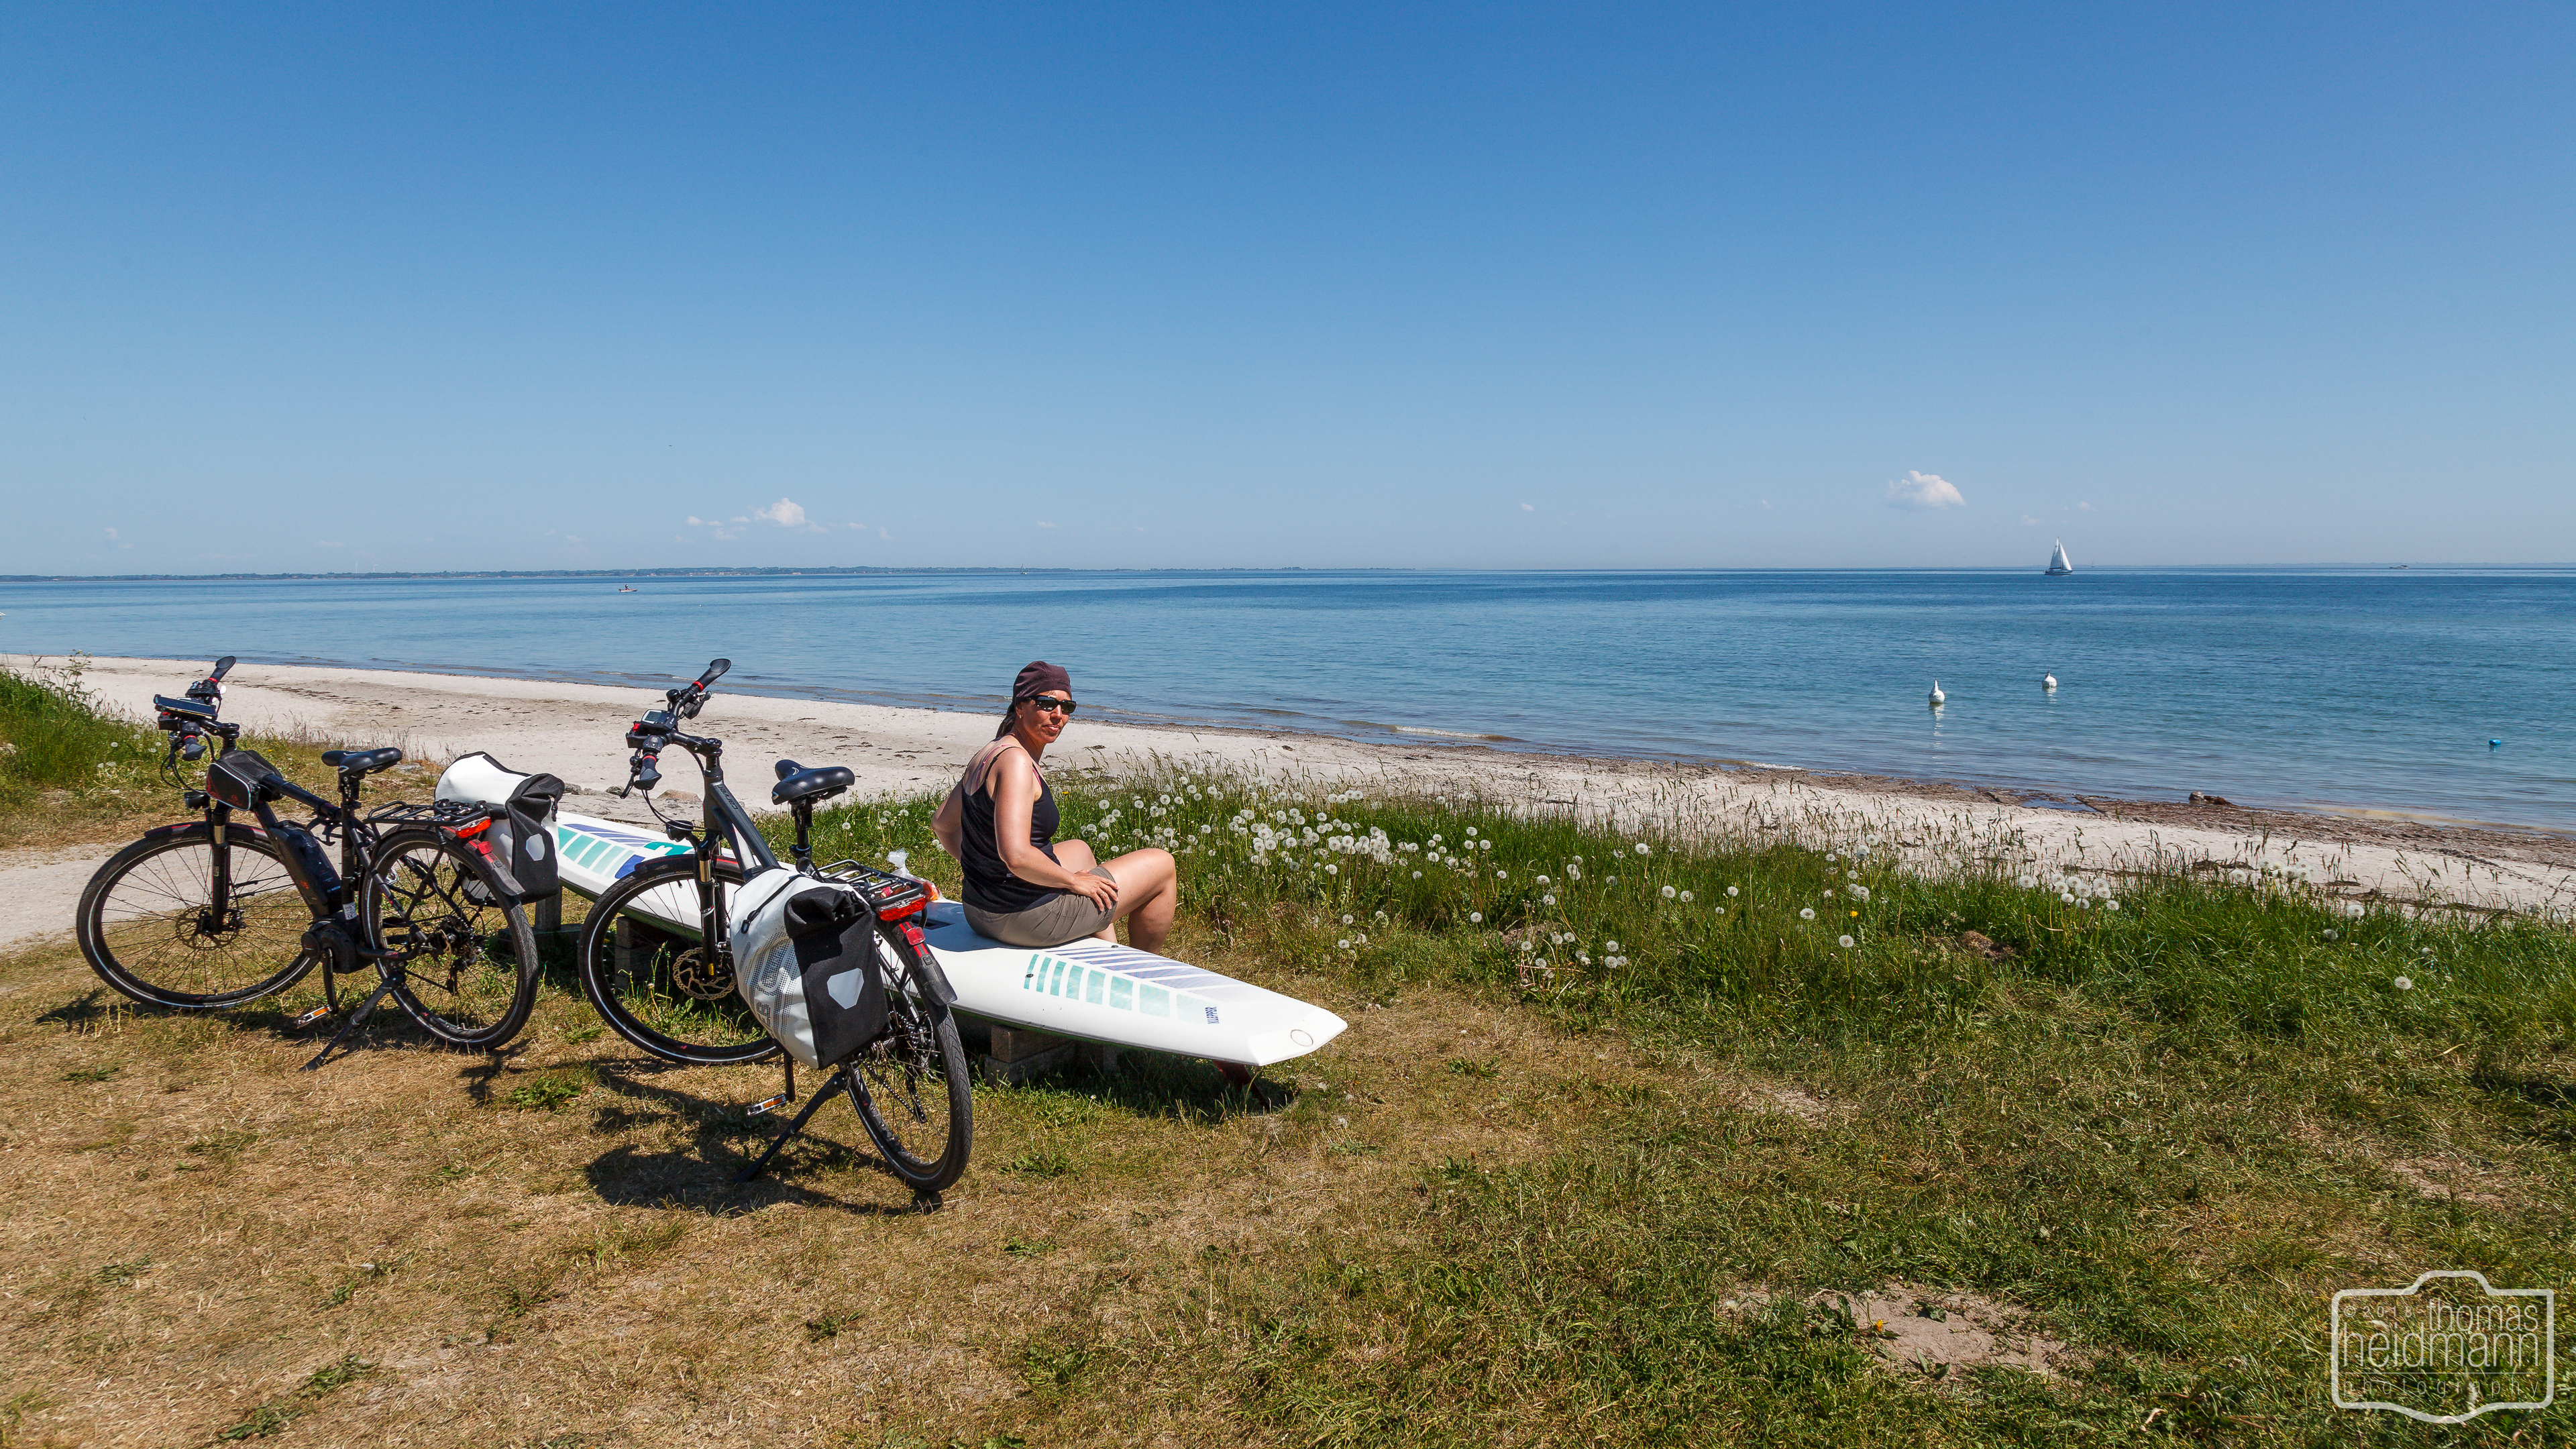 Radttour durch Schleswig-Holstein bei Maasholm an der Ostsee